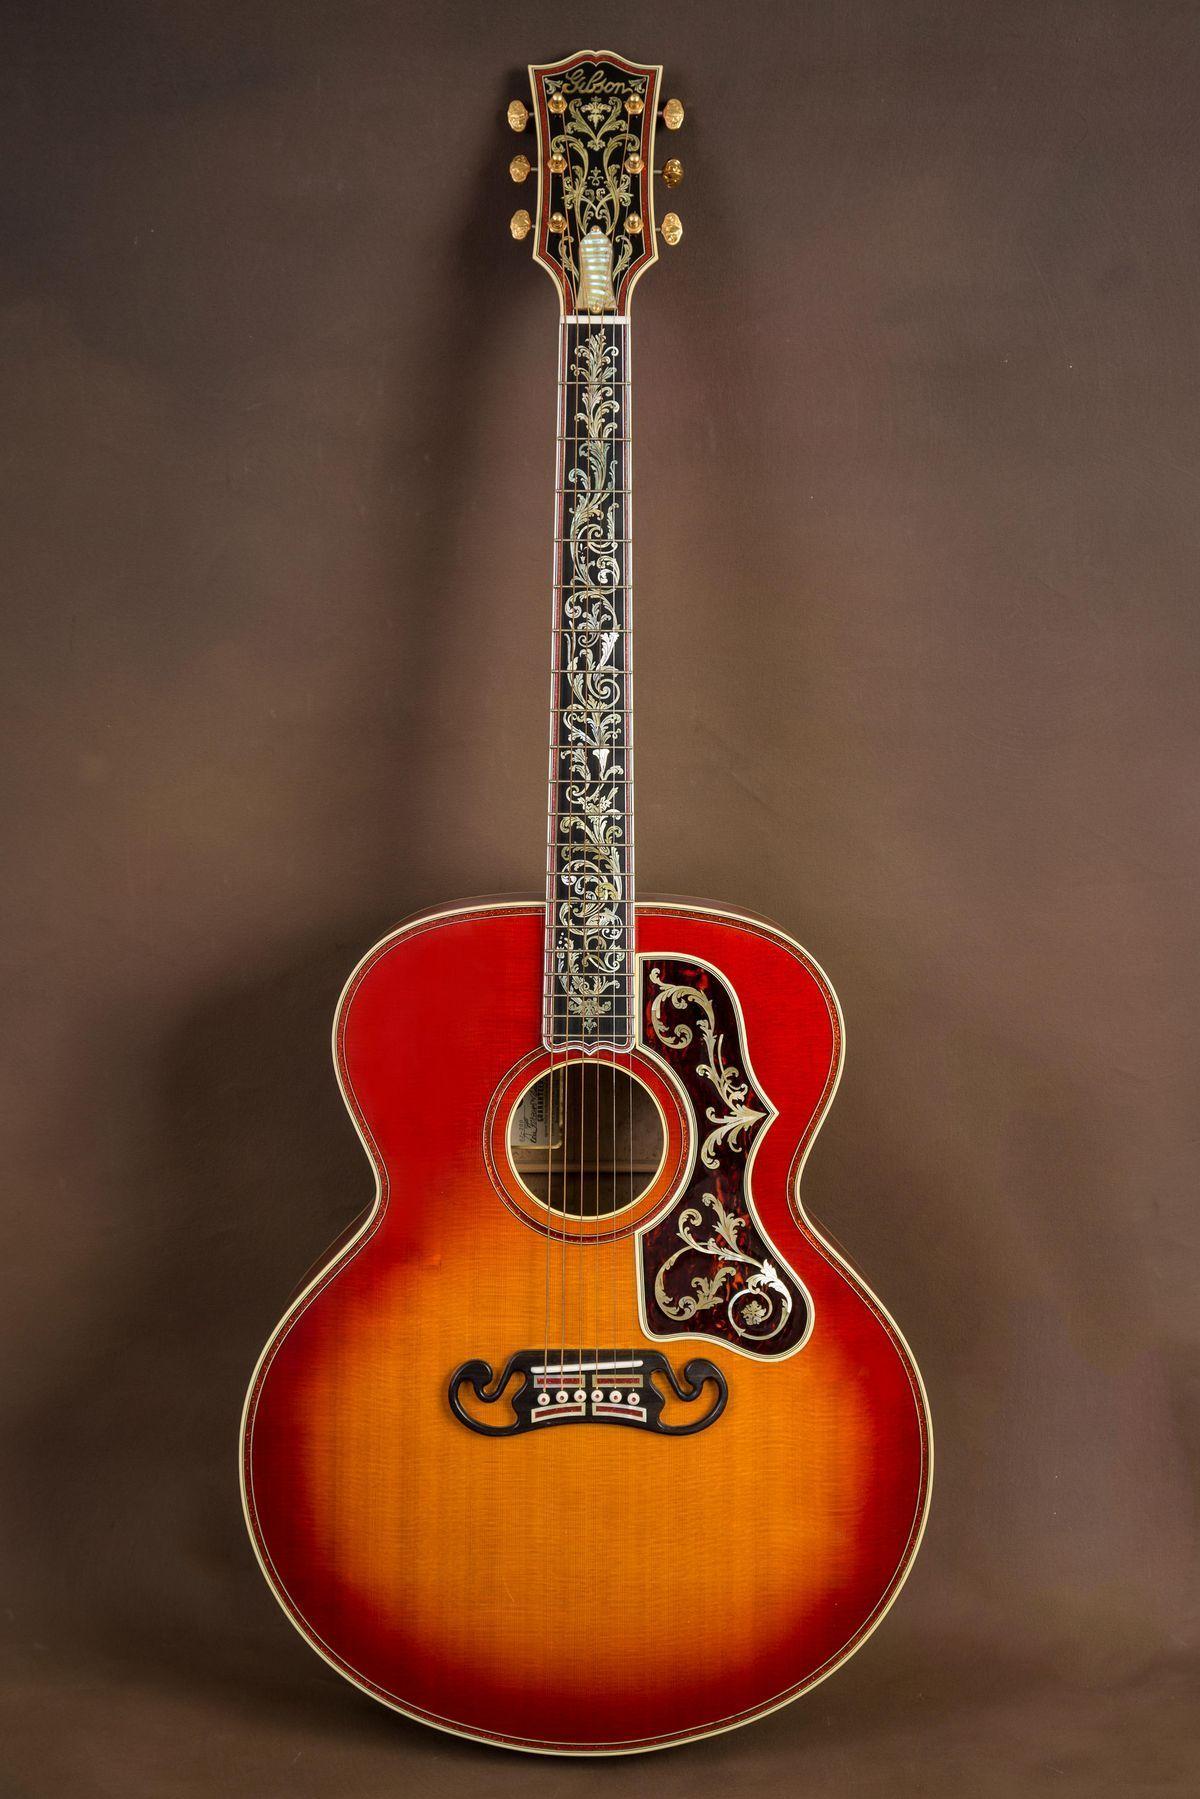 Gibson Custom Sj 200 Acoustic Guitar Siga O Nosso Blog Mundo De Musicas Em Http Mundodemusicas Com Aula Music Instruments Guitar Music Guitar Acoustic Guitar